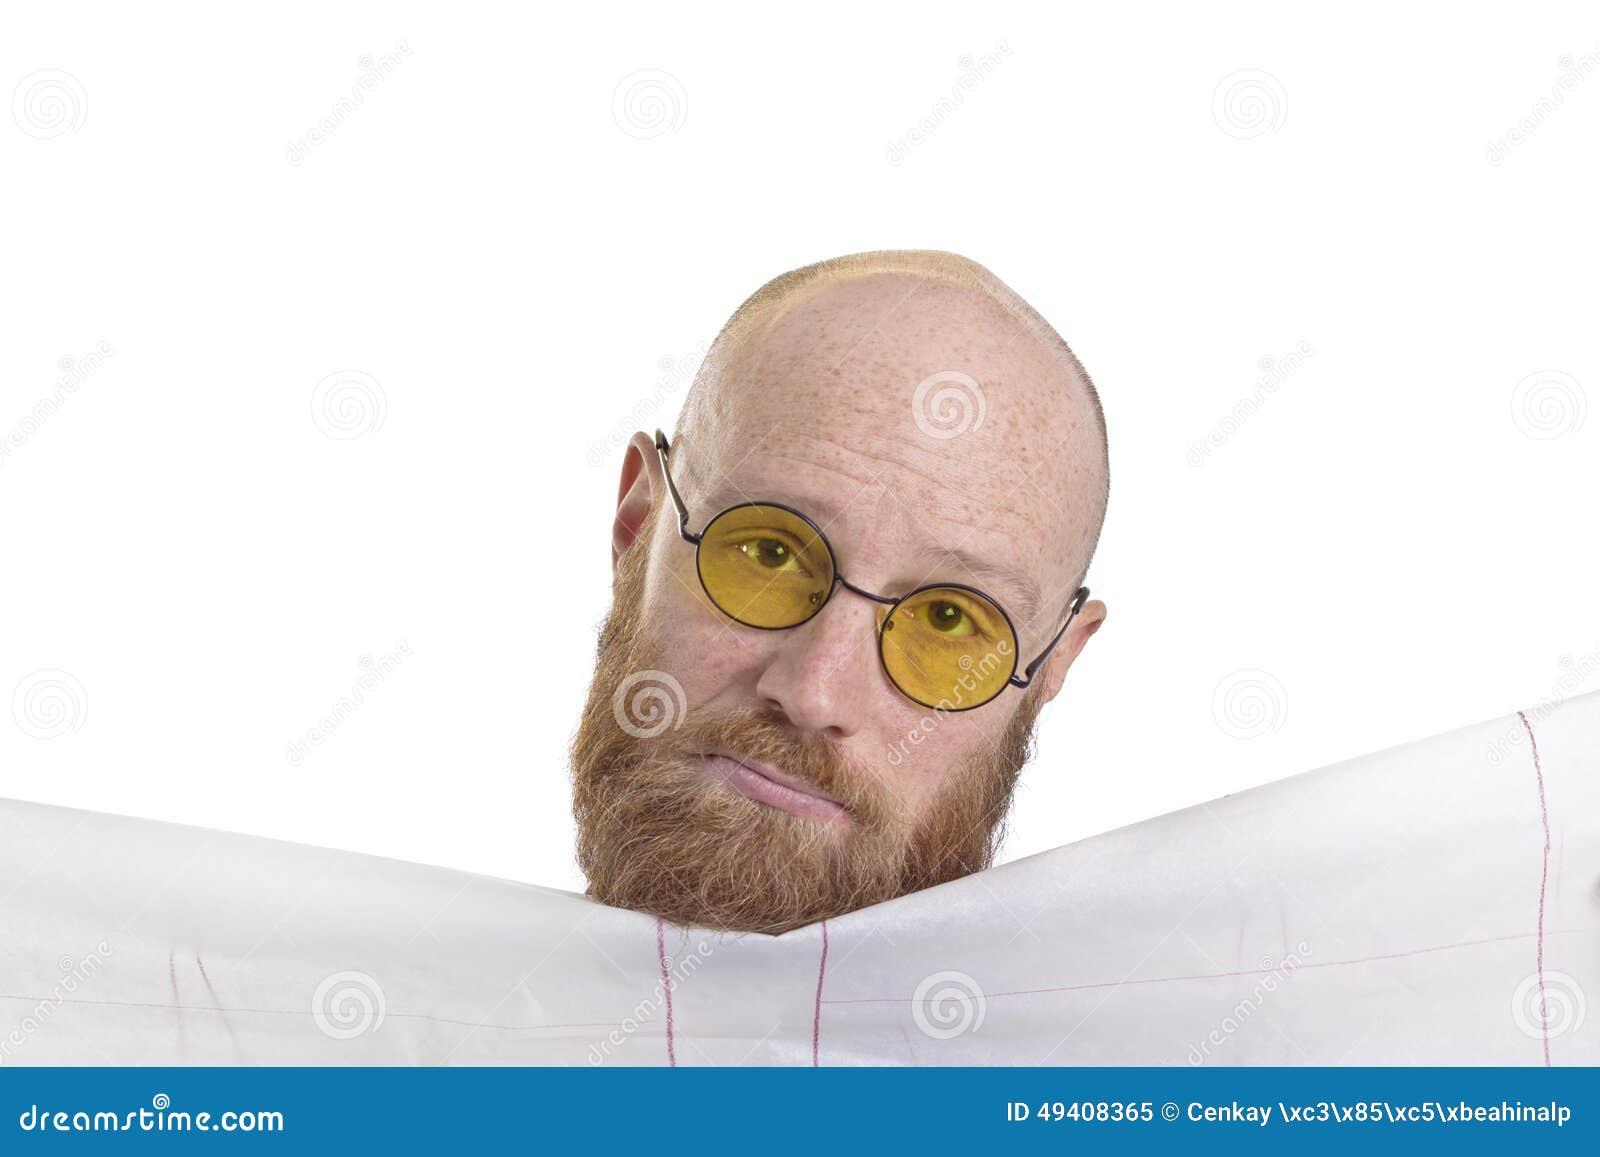 Download Männer mit Gläsern stockbild. Bild von stattlich, erwachsener - 49408365